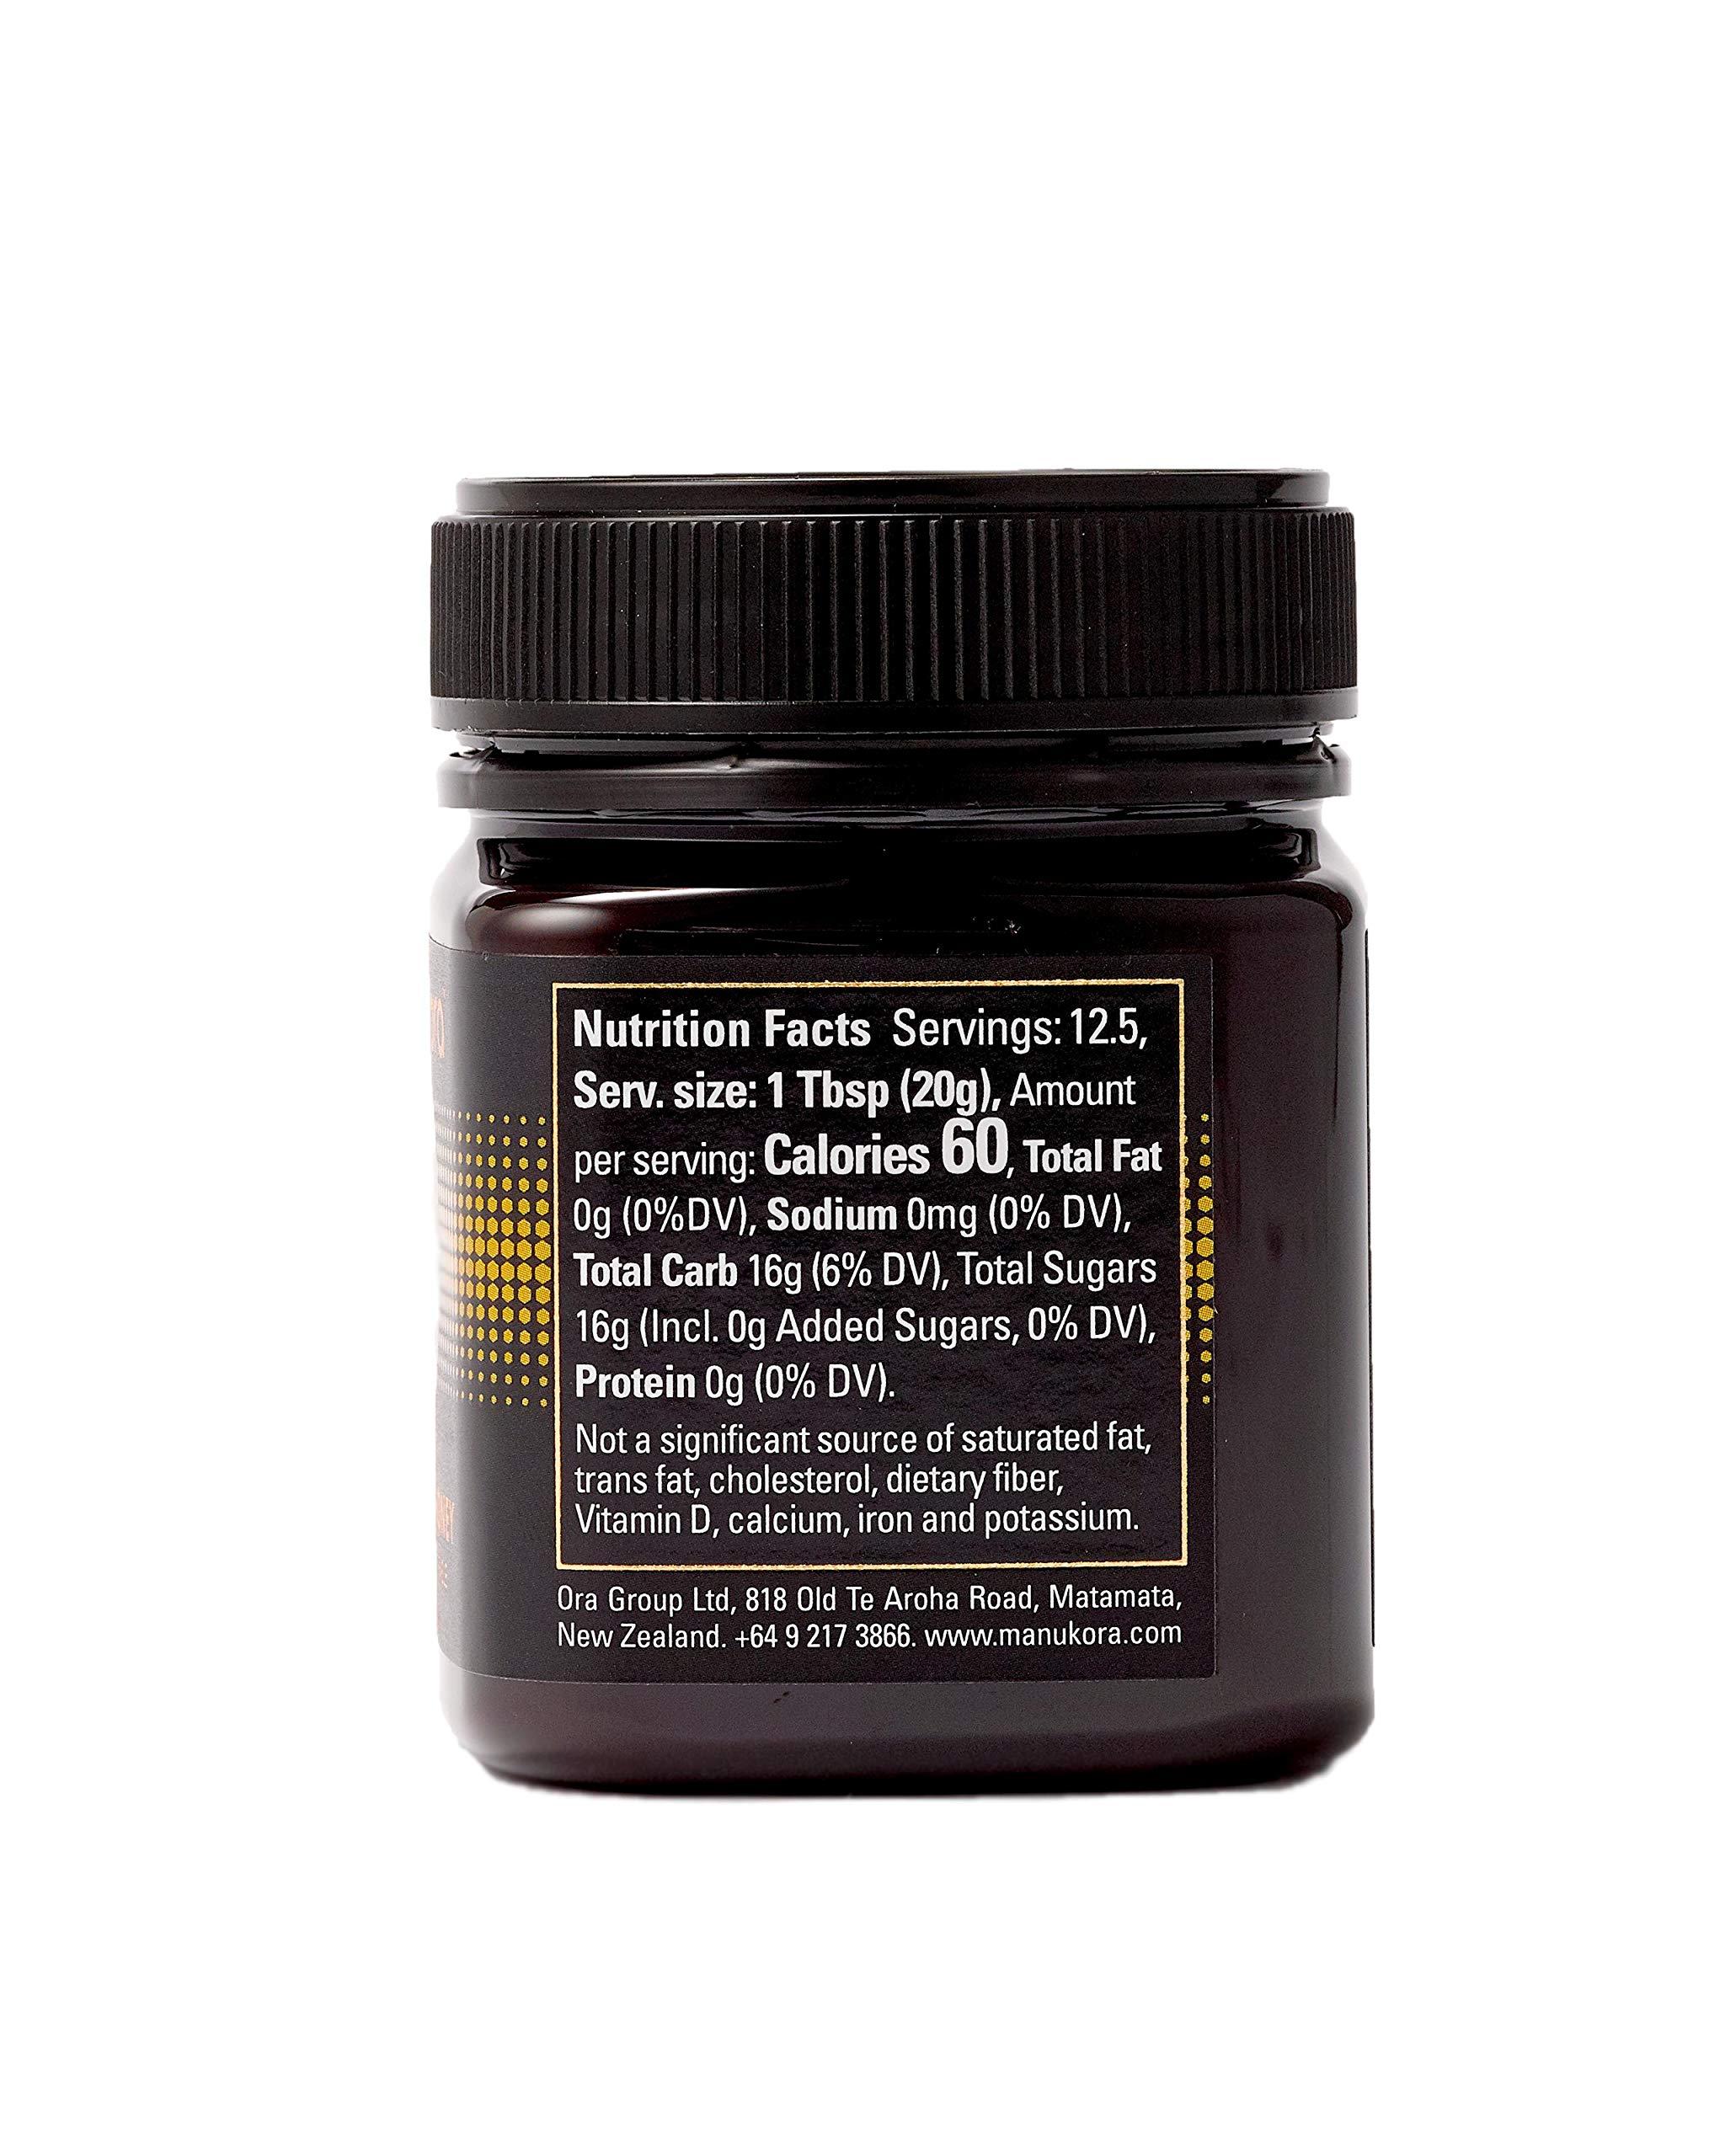 Manukora UMF 20+/MGO 830+ Raw Mānuka Honey (250g/8.8oz) Authentic Non-GMO New Zealand Honey, UMF & MGO Certified, Traceable from Hive to Hand by Manukora (Image #4)